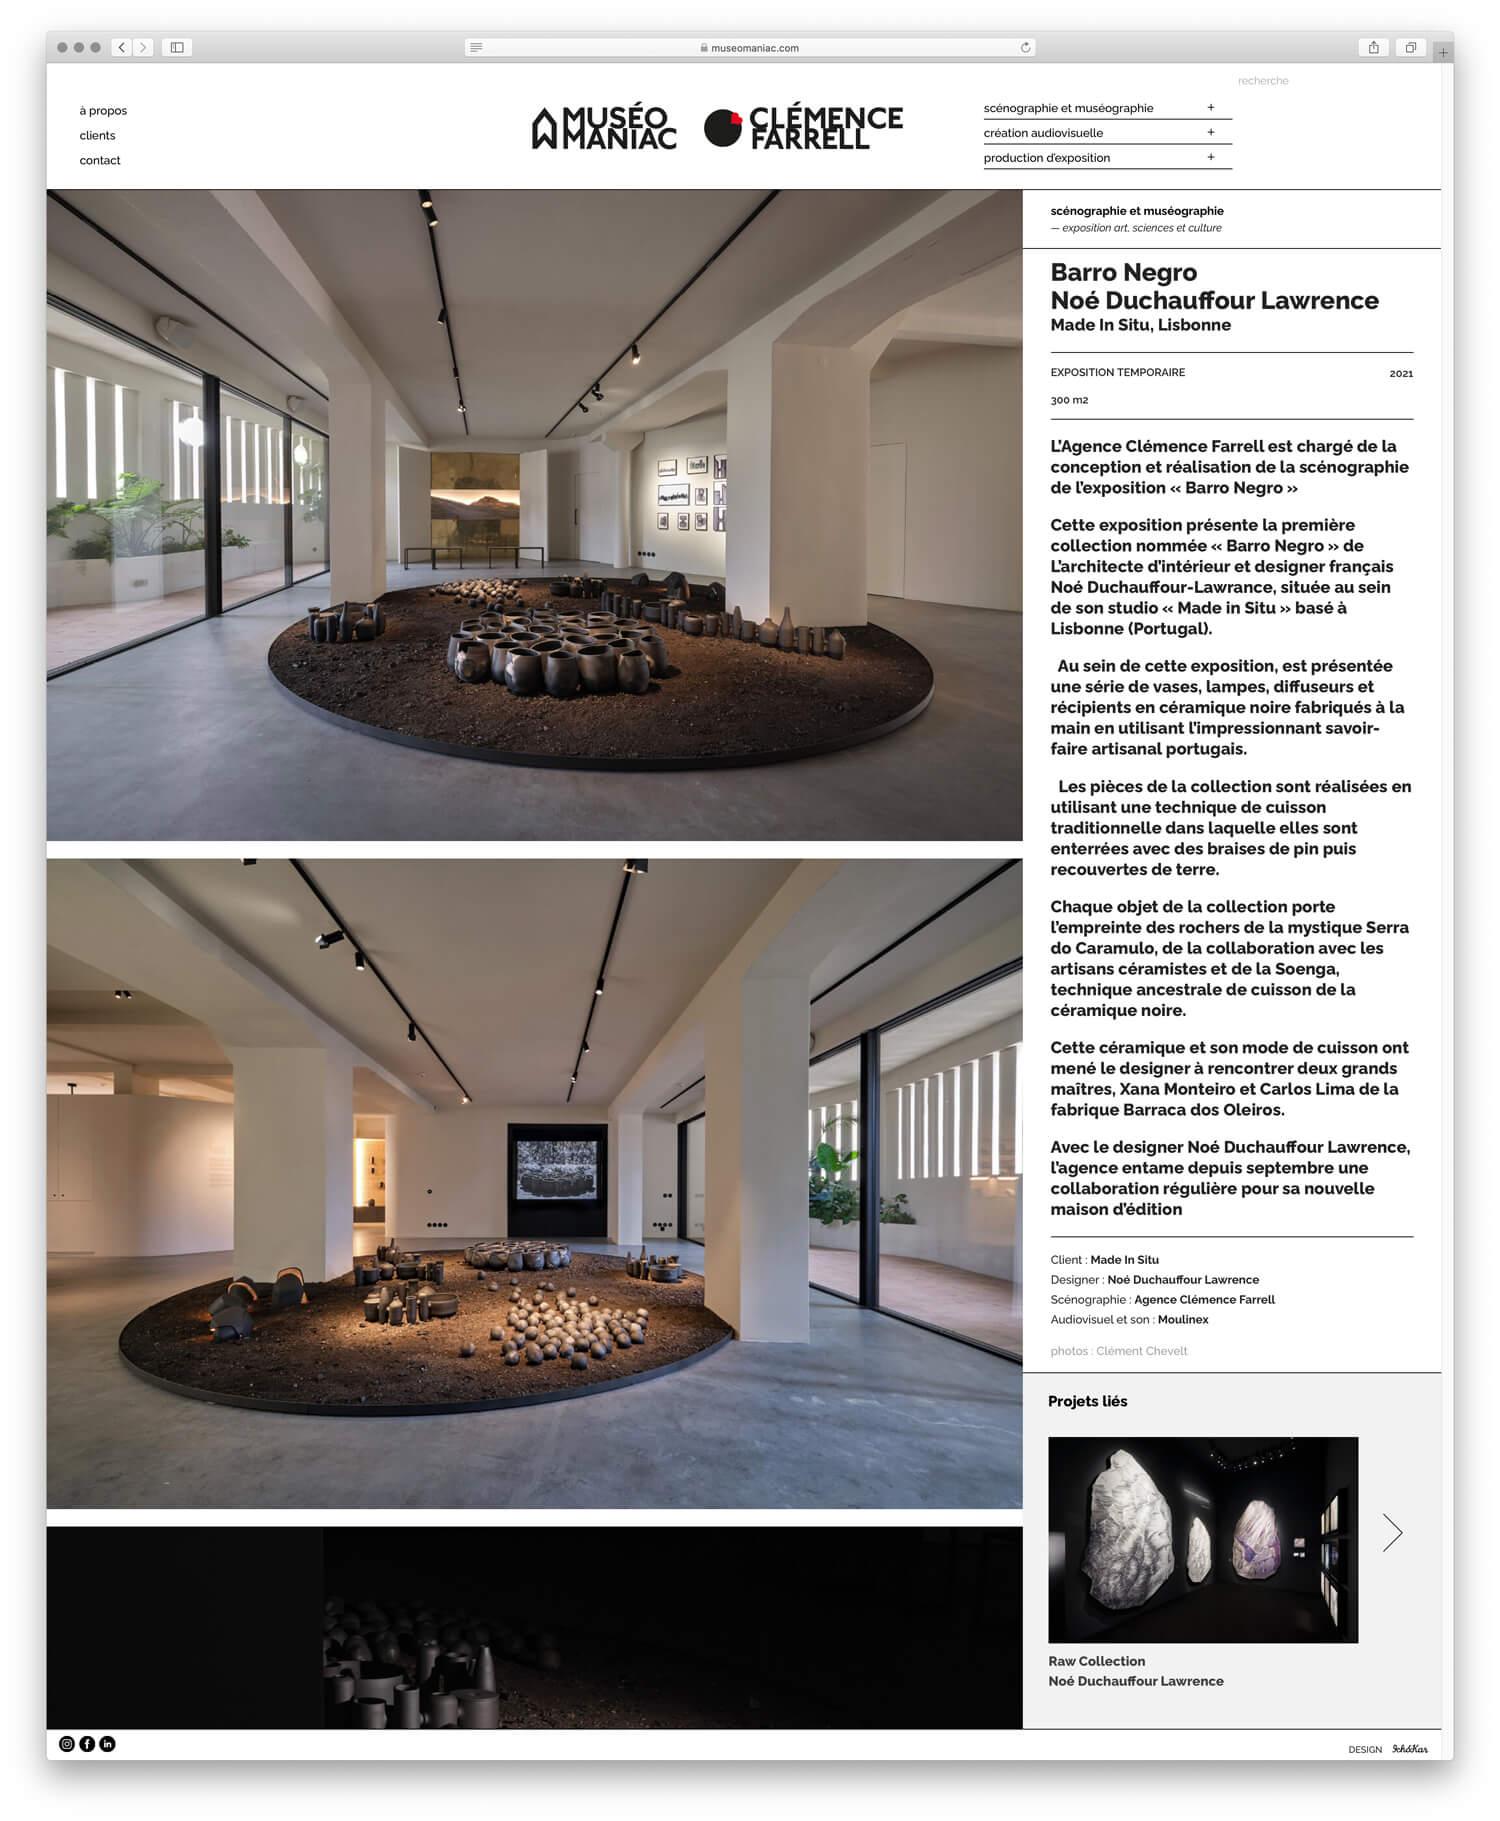 sur le site Une grande place est laissée à la photographie pour montrer les projet de scenographie de l'agence Museomaniac et Clémence Farrell